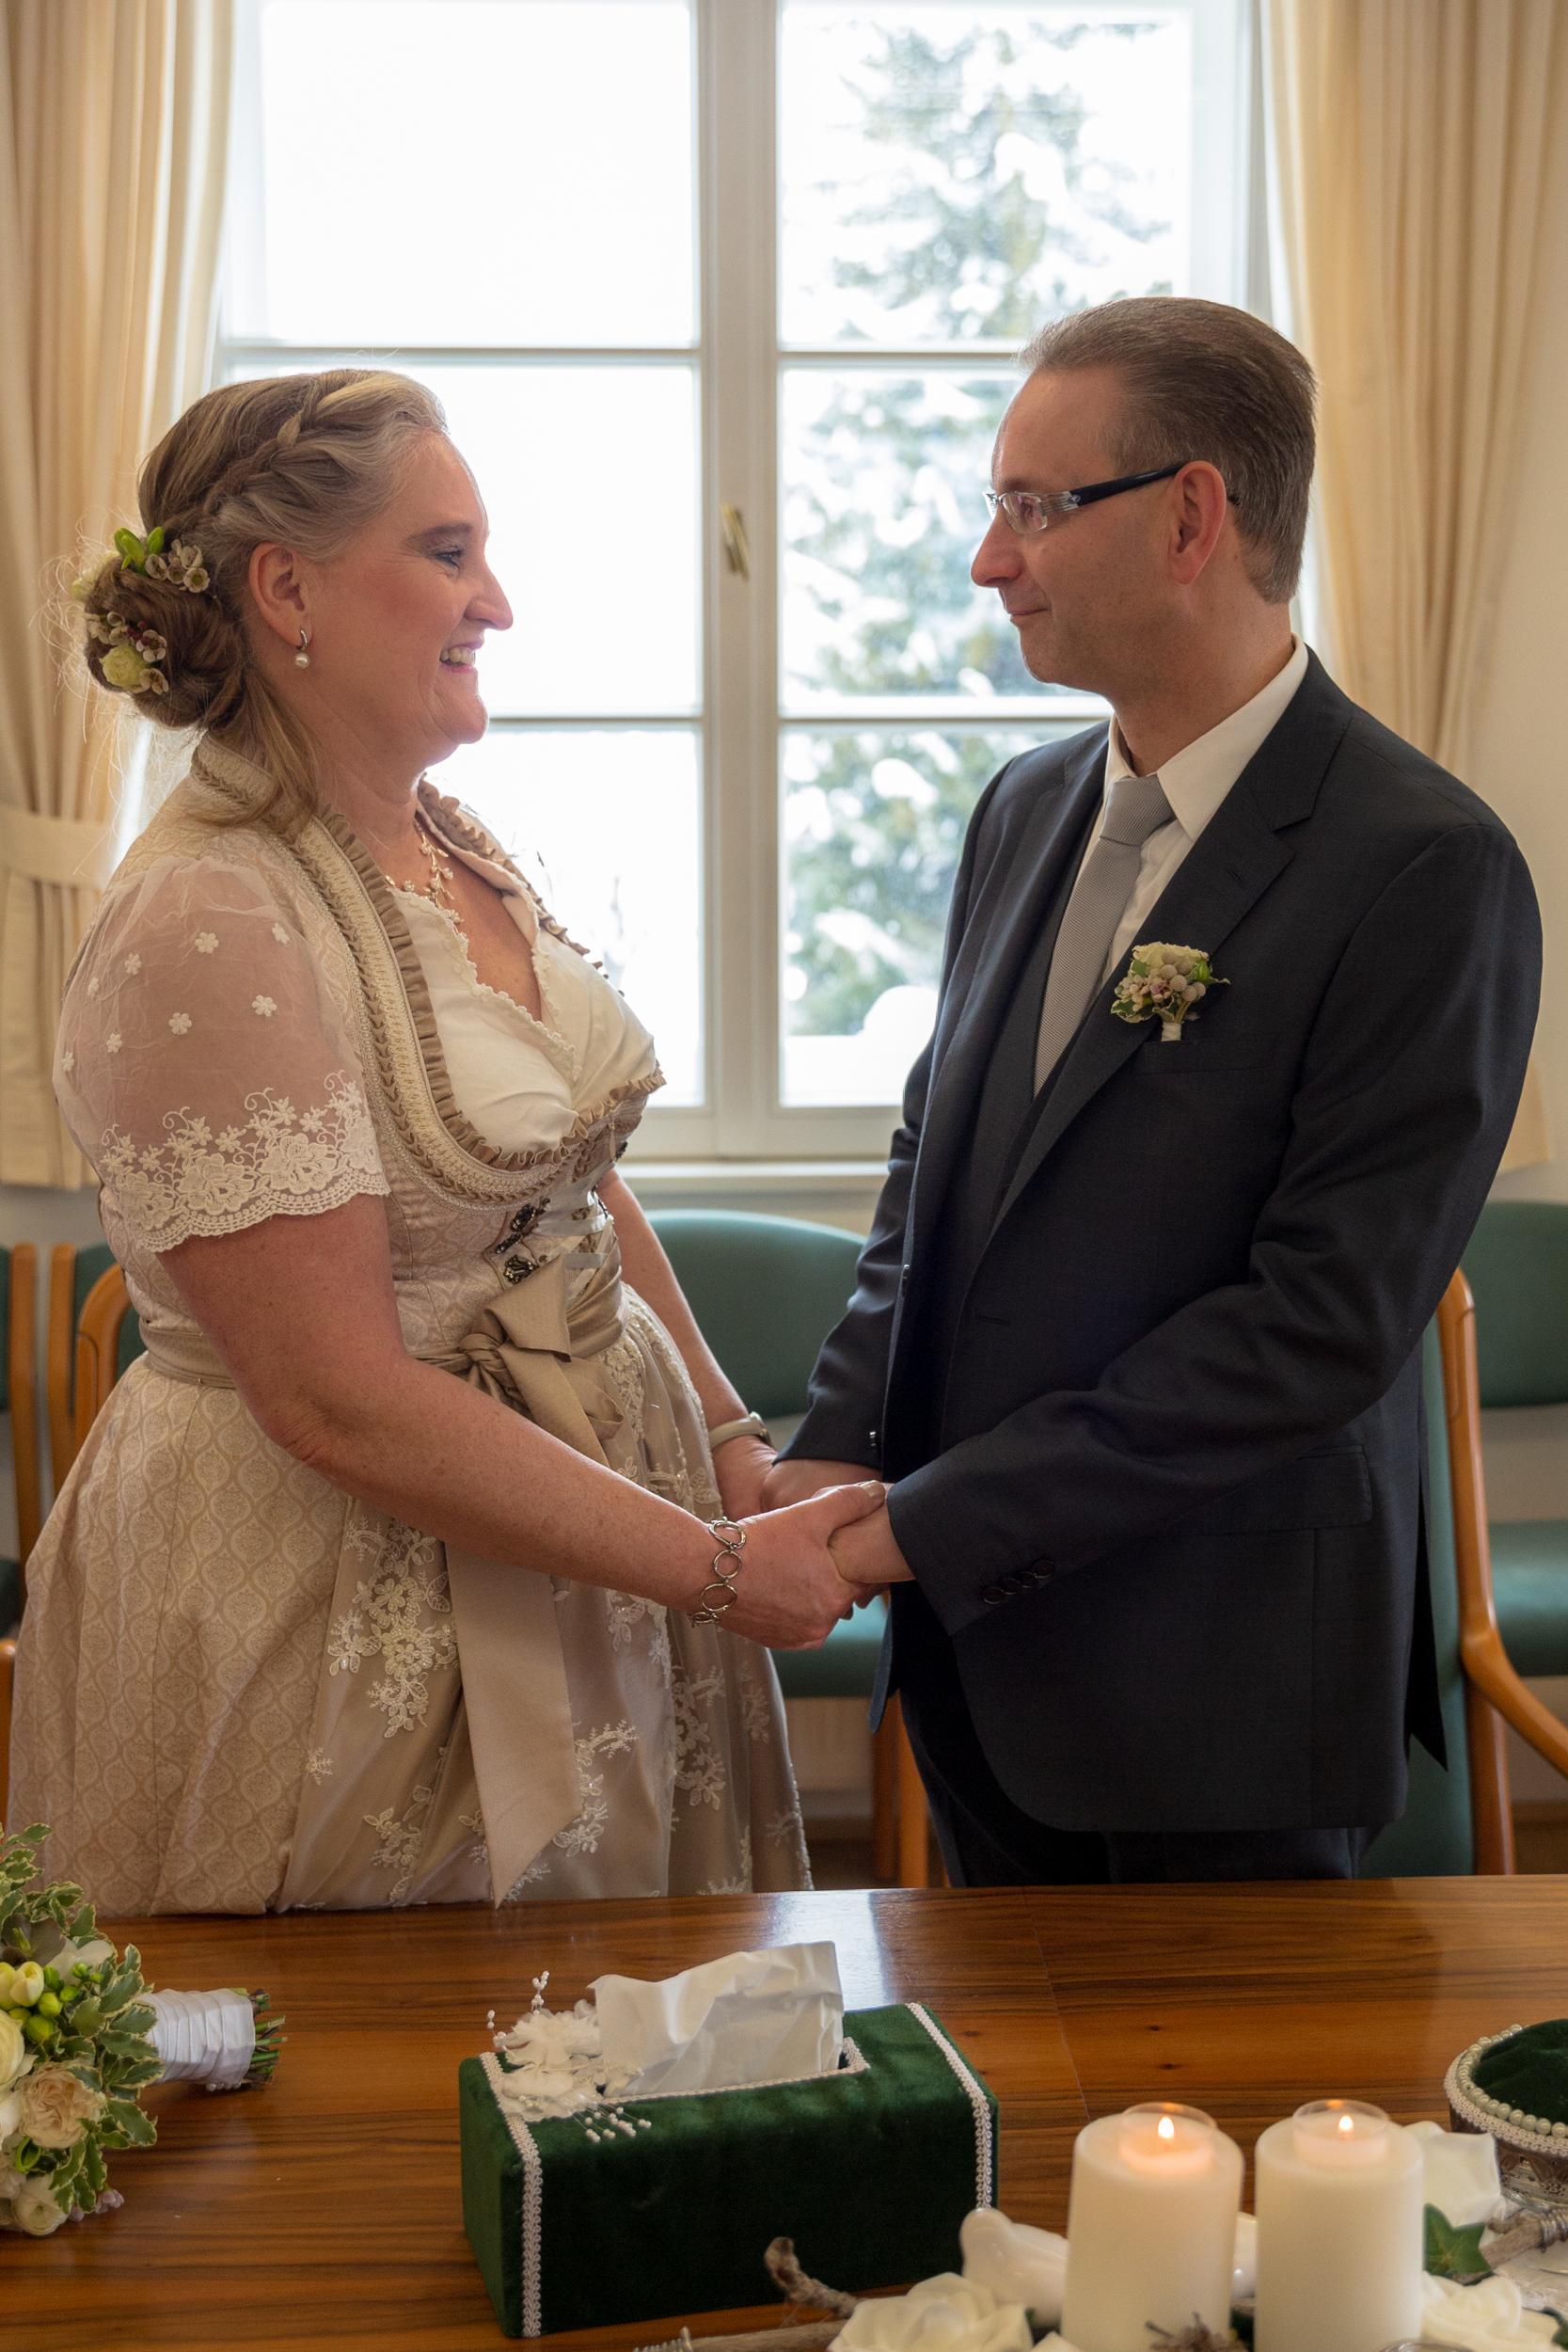 20190212_Hochzeit Koenig_0155.jpg